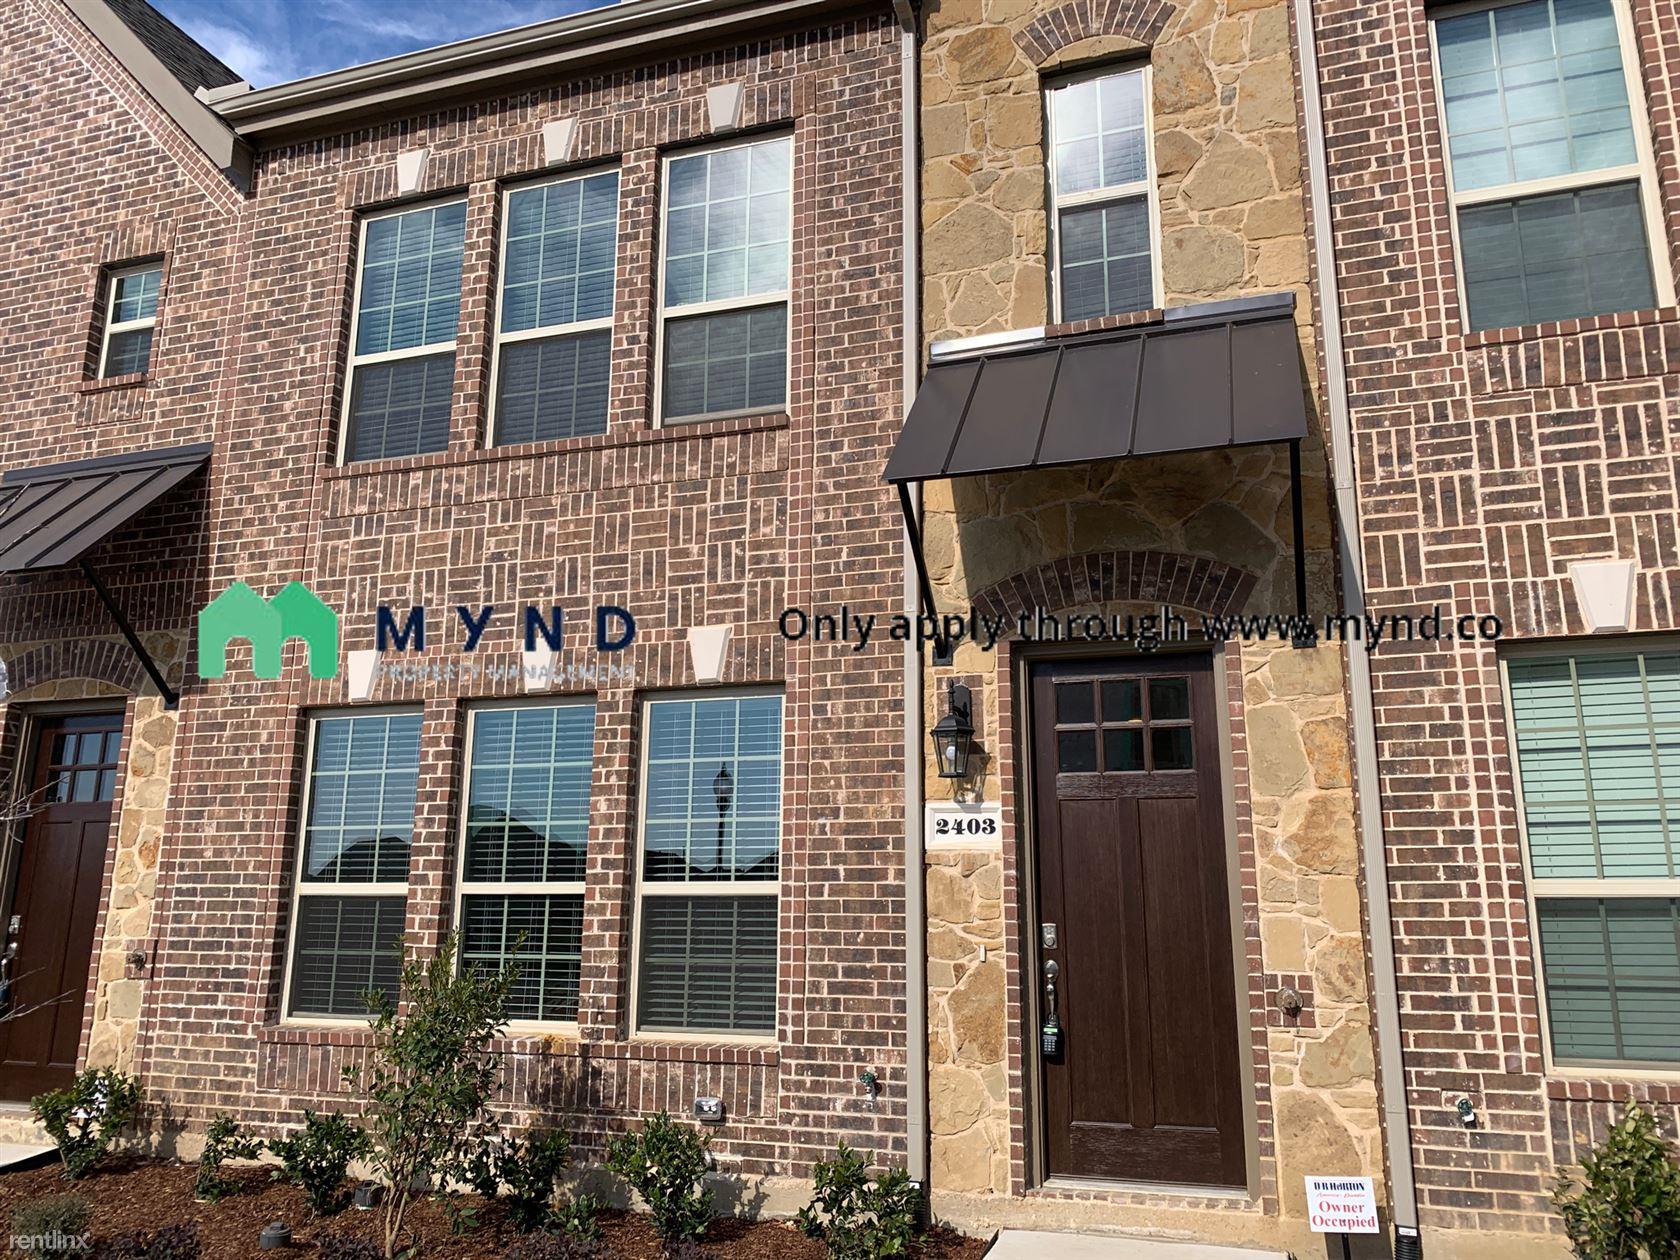 2403 Siskiyou St, Lewisville, TX - $2,400